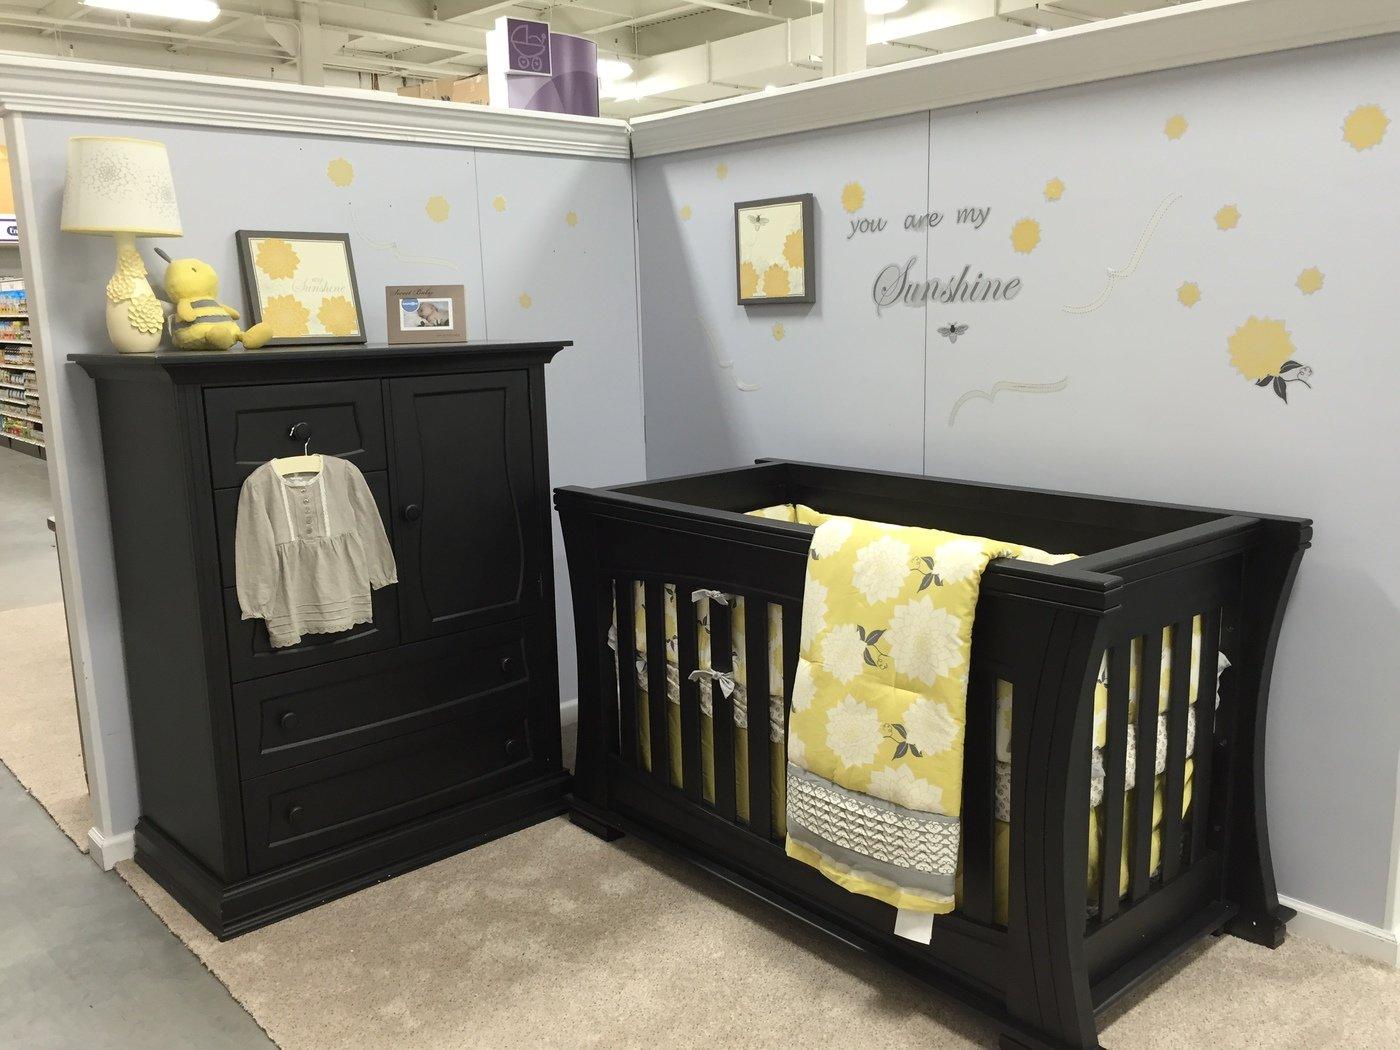 Delightful Dorchester Classic Crib With Chifferobe